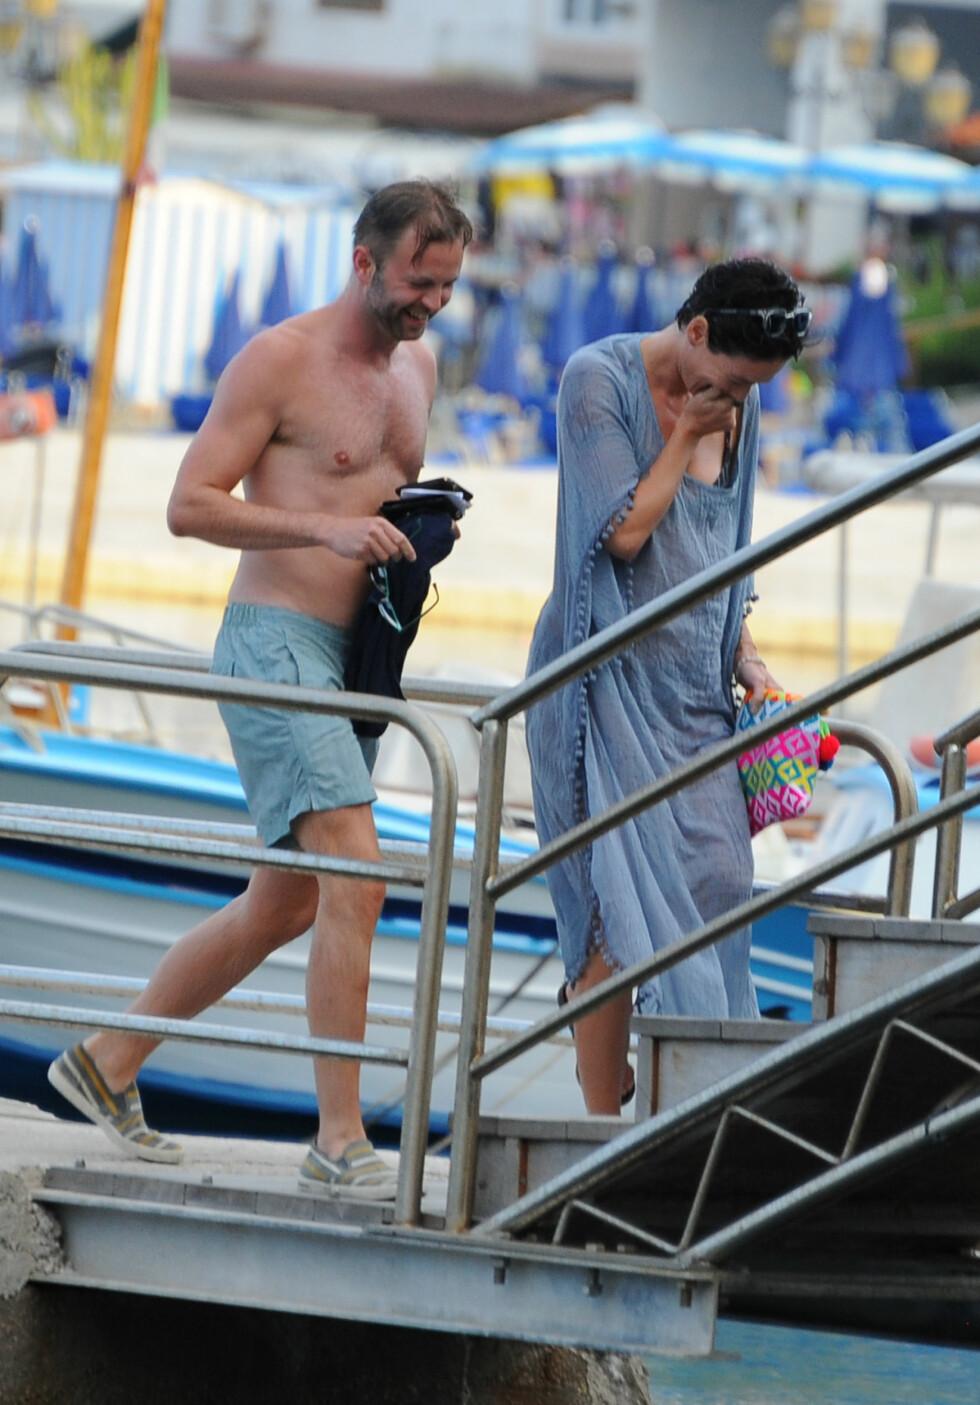 MUNTRE: Lena Headey og den mannlige vennen lo og koste seg sammen ved vannet. Foto: Gigi Iorio/Splash News/All Over Press